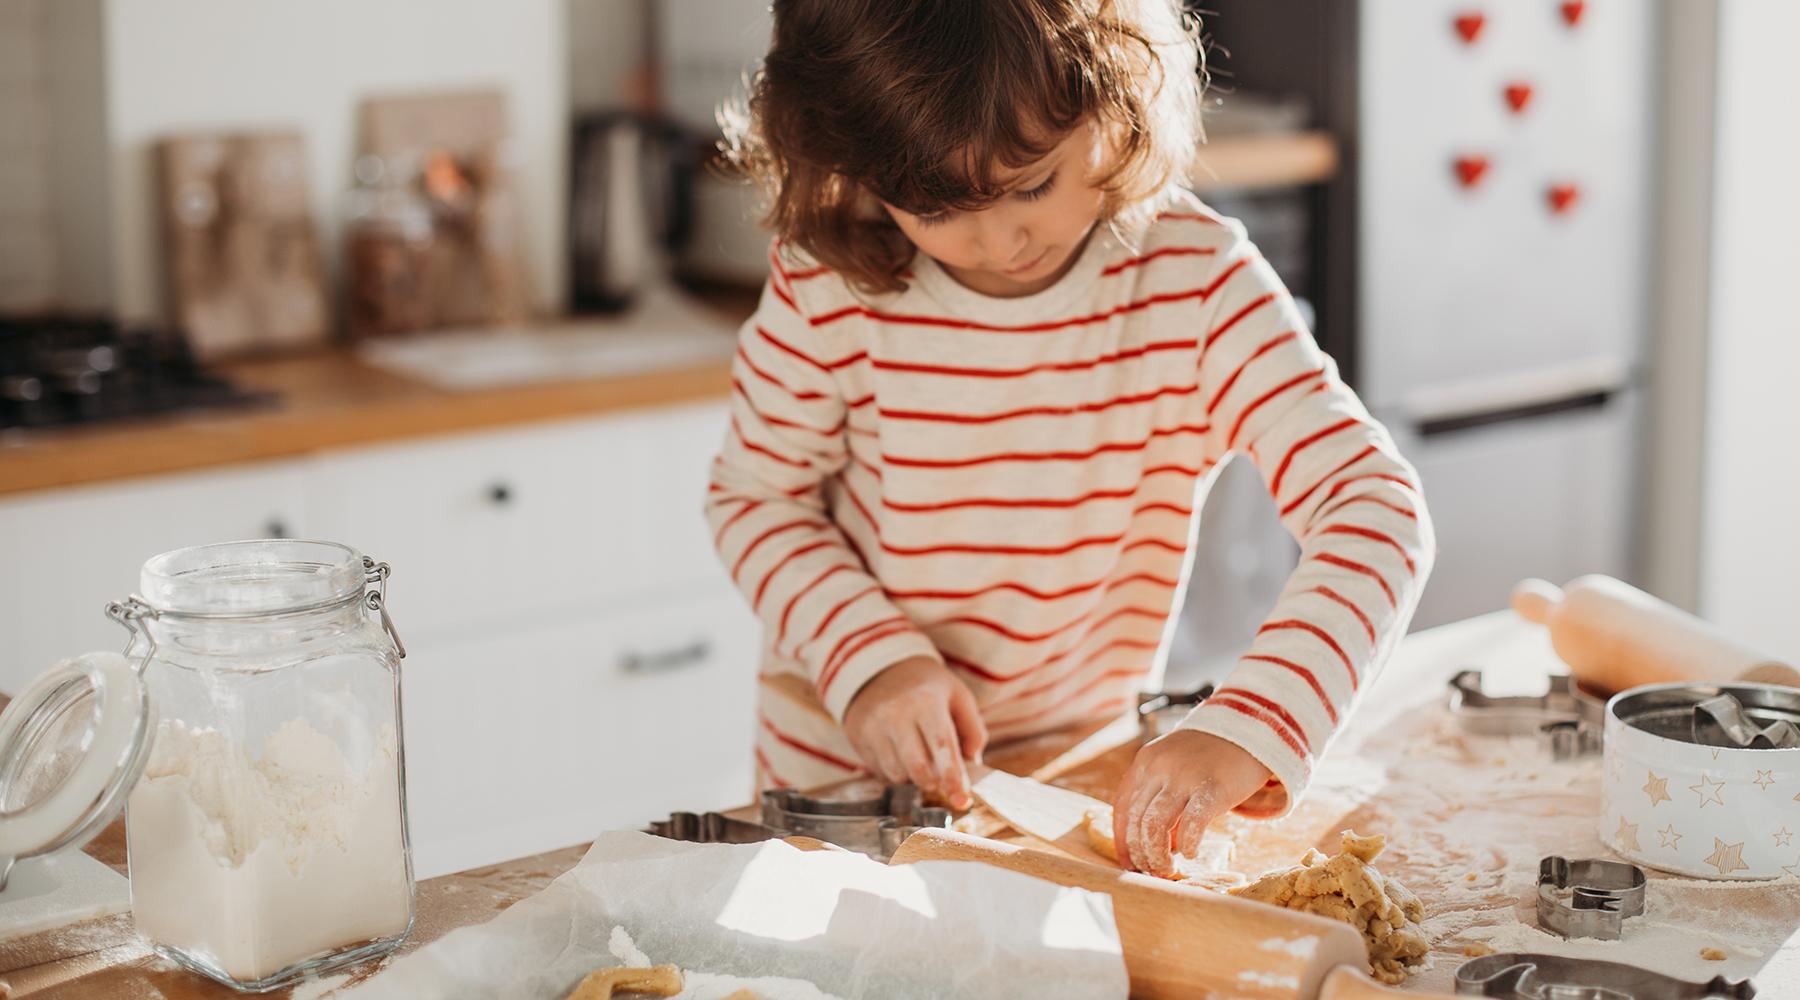 Joulutyöpaja on eniten mukavaa puuhastelua, mutta myös mahdollisuus valmistaa jotain hyödyllistä. Tässä on vinkkejä joulukoristeisiin ja persoonallisiin, itsetehtyihin lahjoihin, joiden tekoon myös lapset voivat hyvin osallistua.